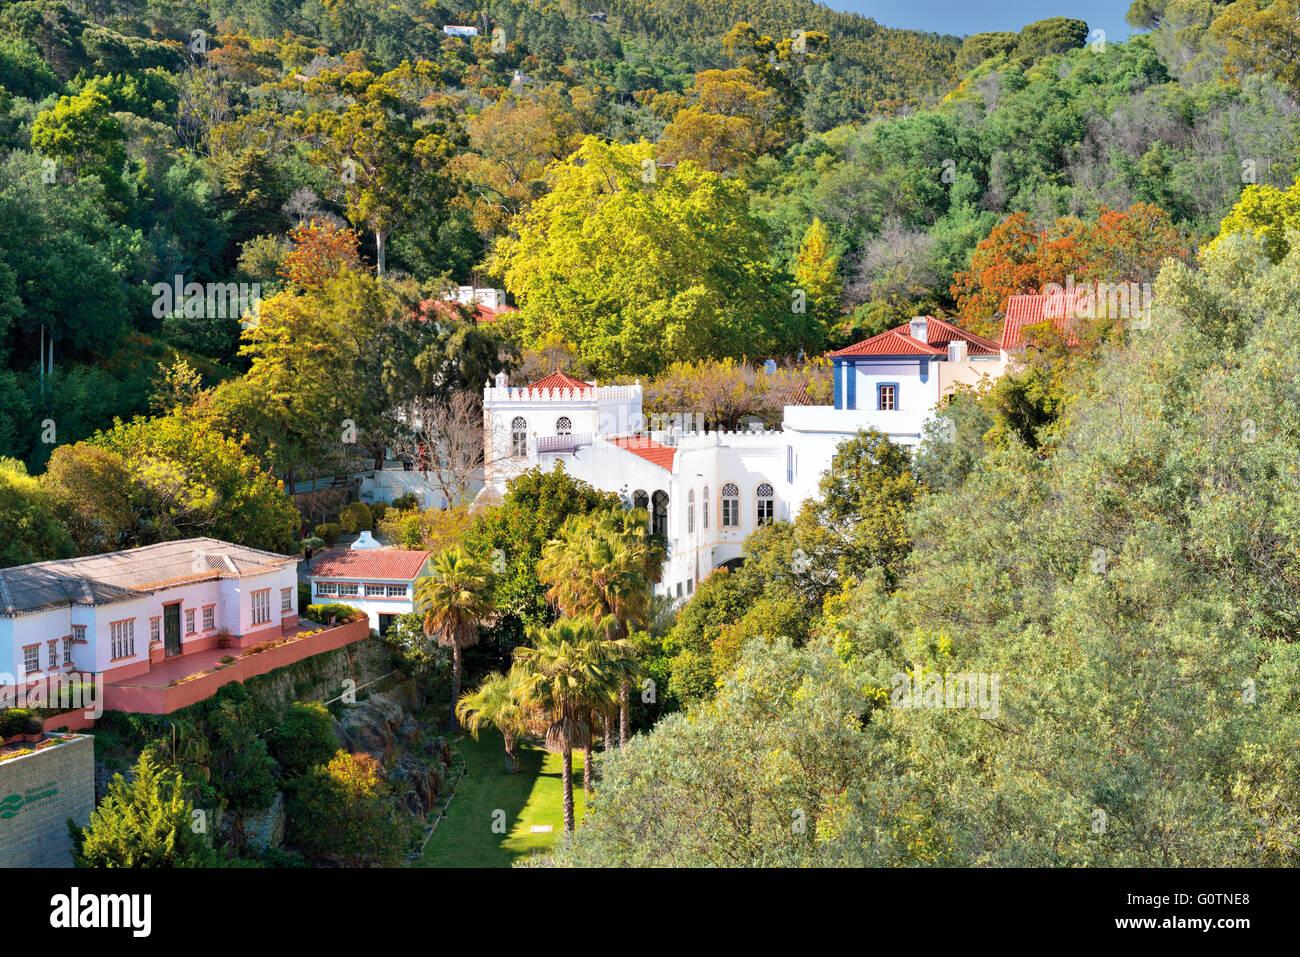 Portugal, Algarve: View to thermal village Caldas de Monchique Stock Photo